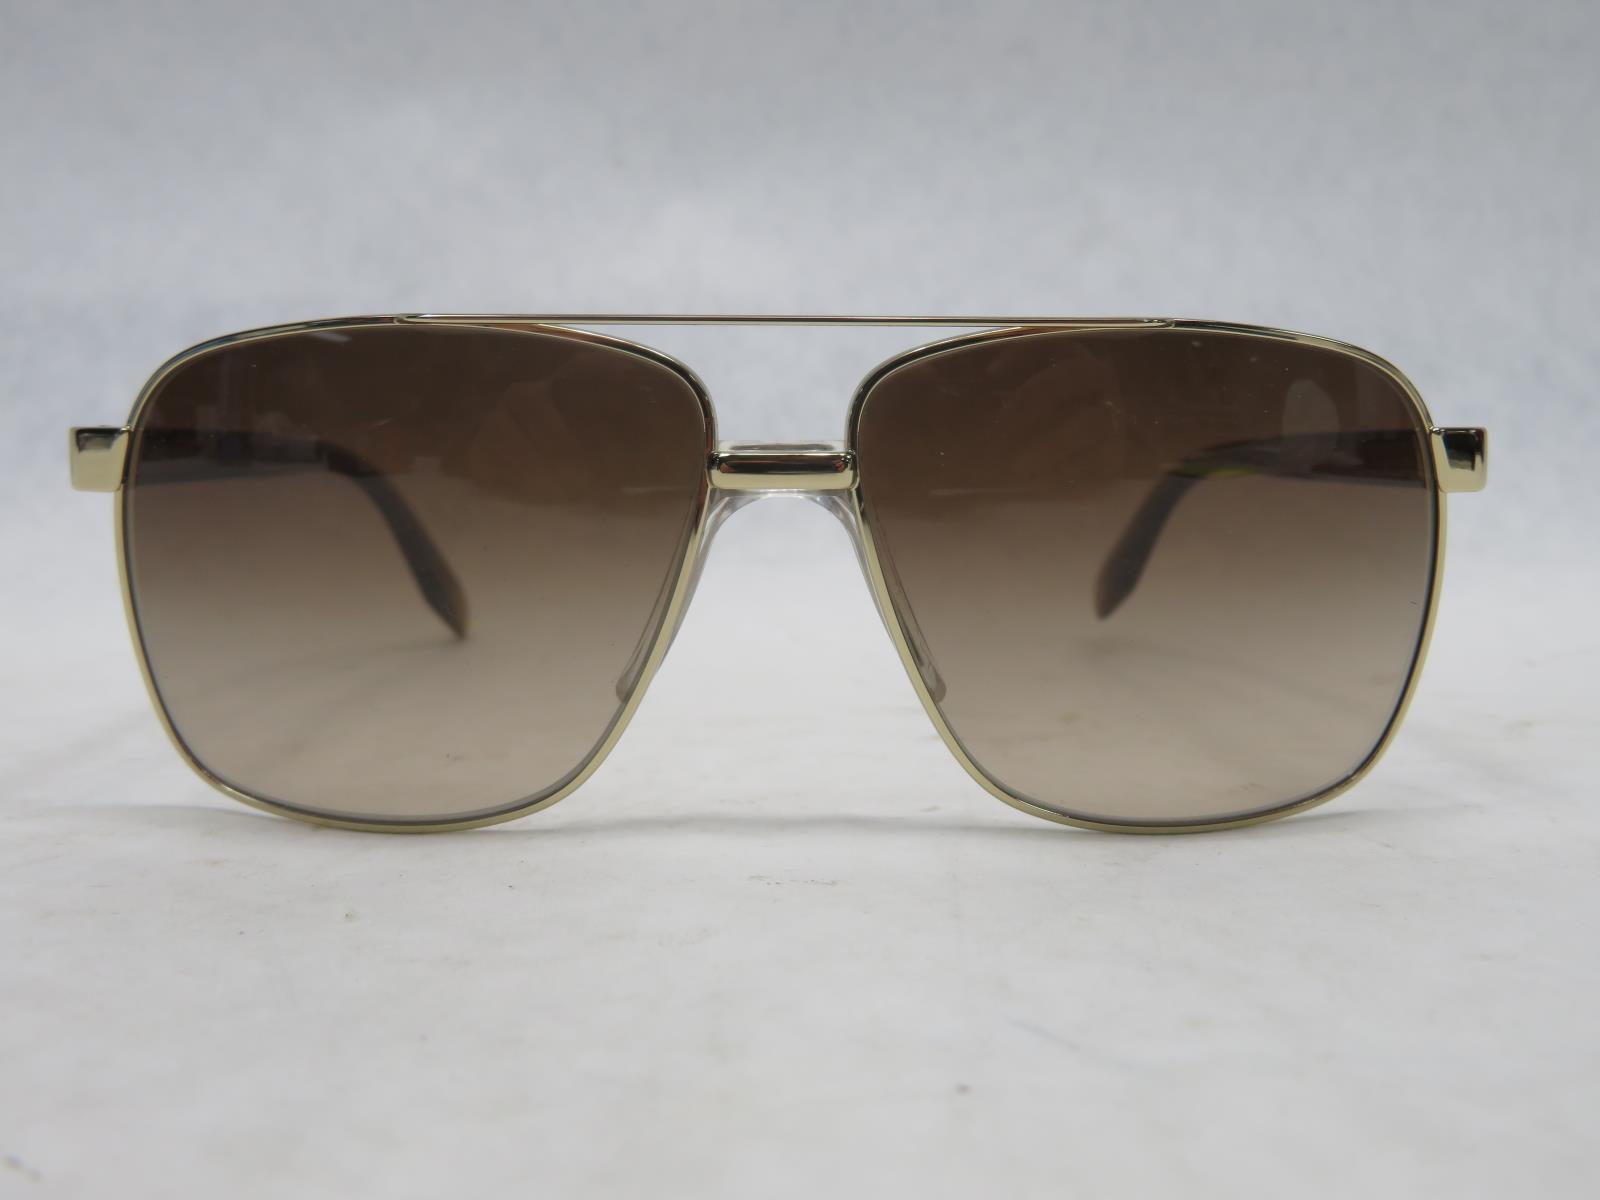 77e9df681cb5 Details about Versace Mod 2174 Sunglasses 5